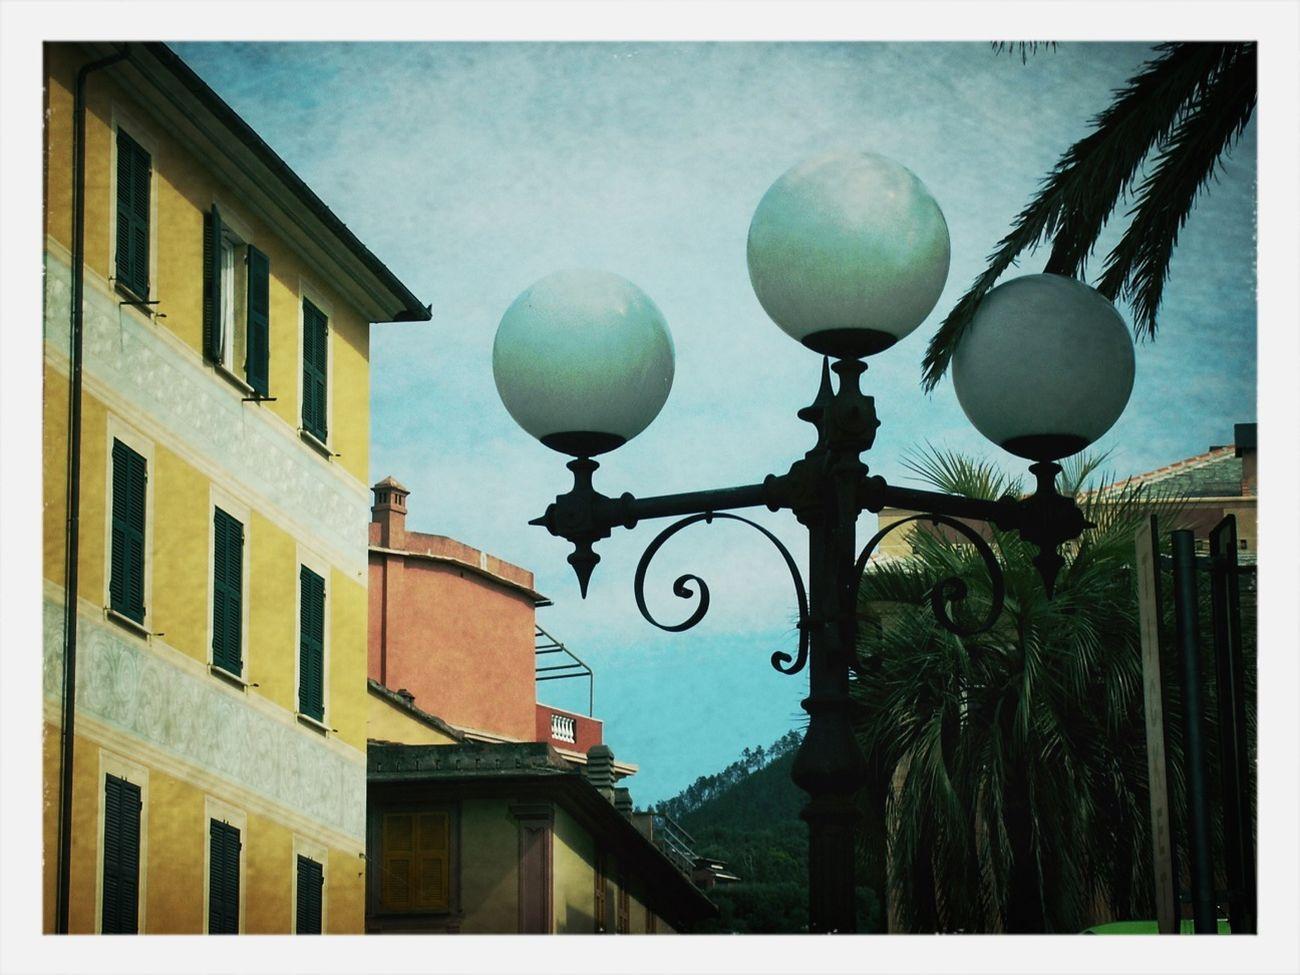 Lights Citysights